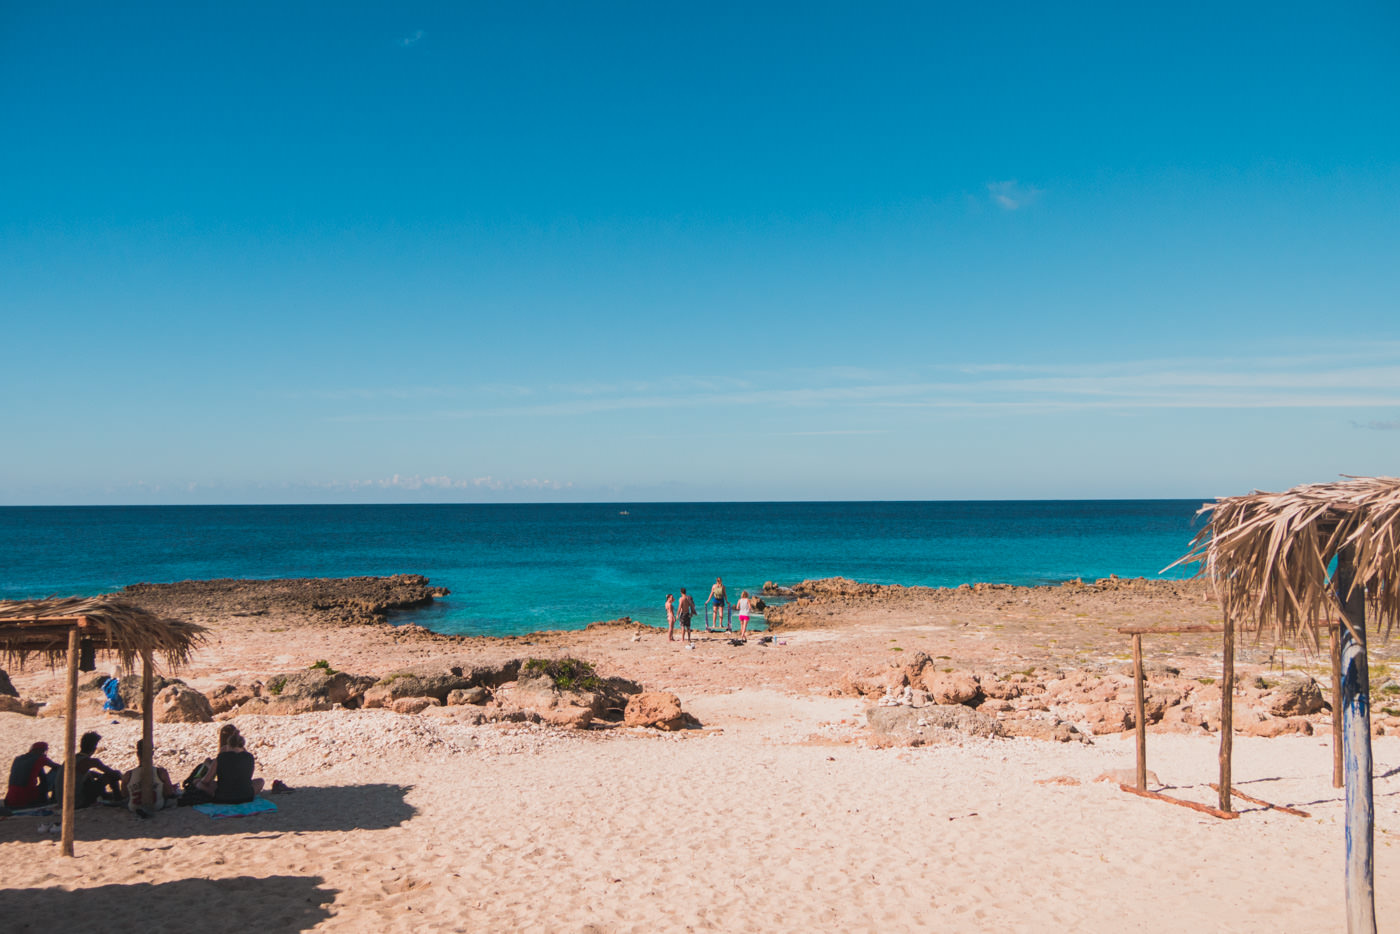 Ein Strand zum Schorncheln bei La Boca, Kuba